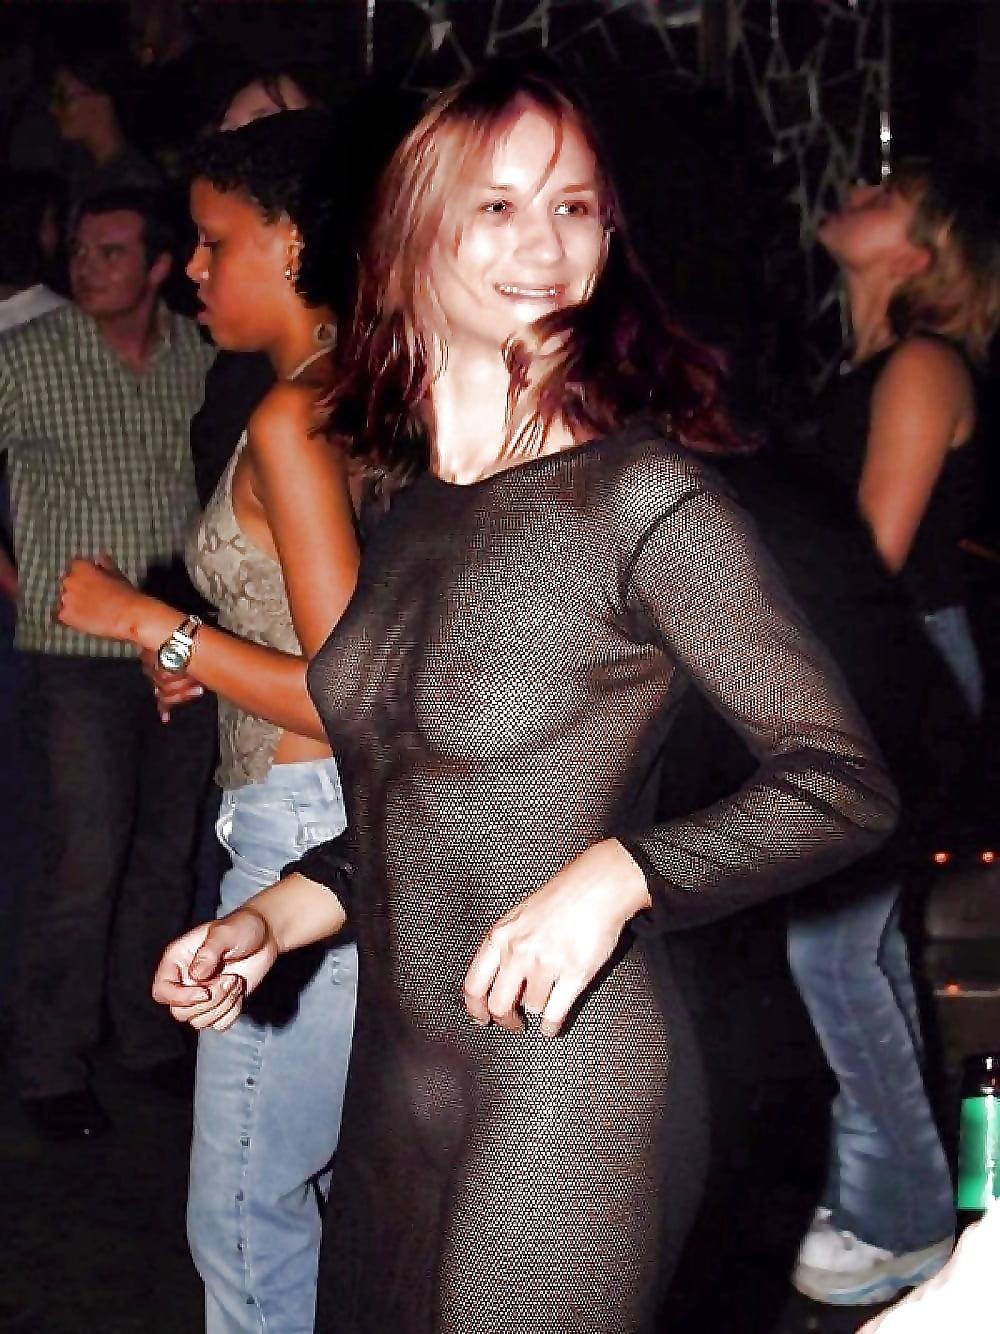 Жена пришла в гости в прозрачном платье